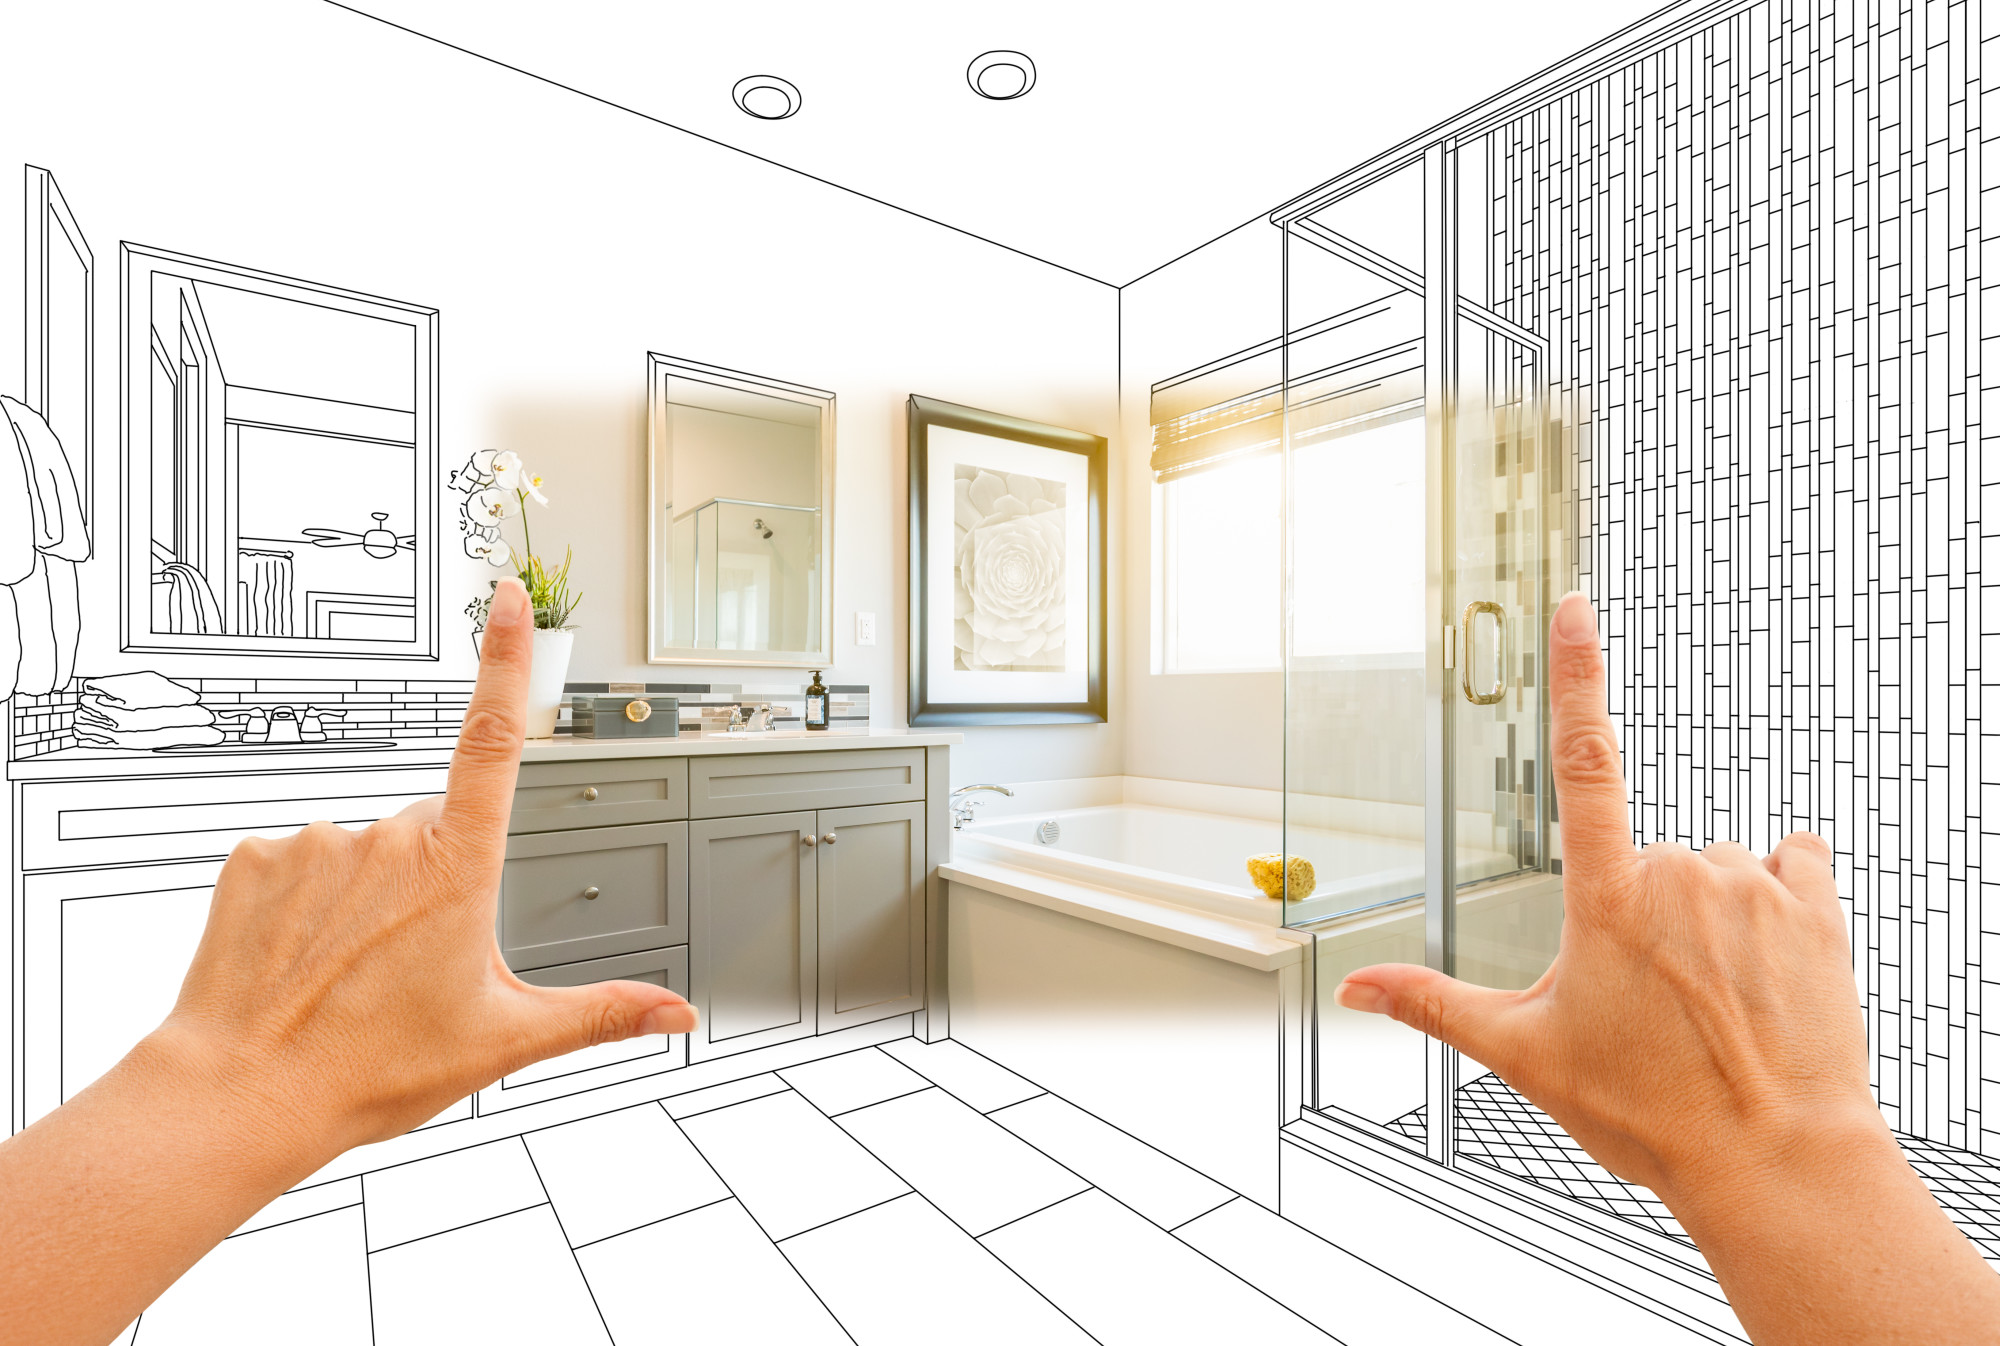 Bathroom Remodel Concept